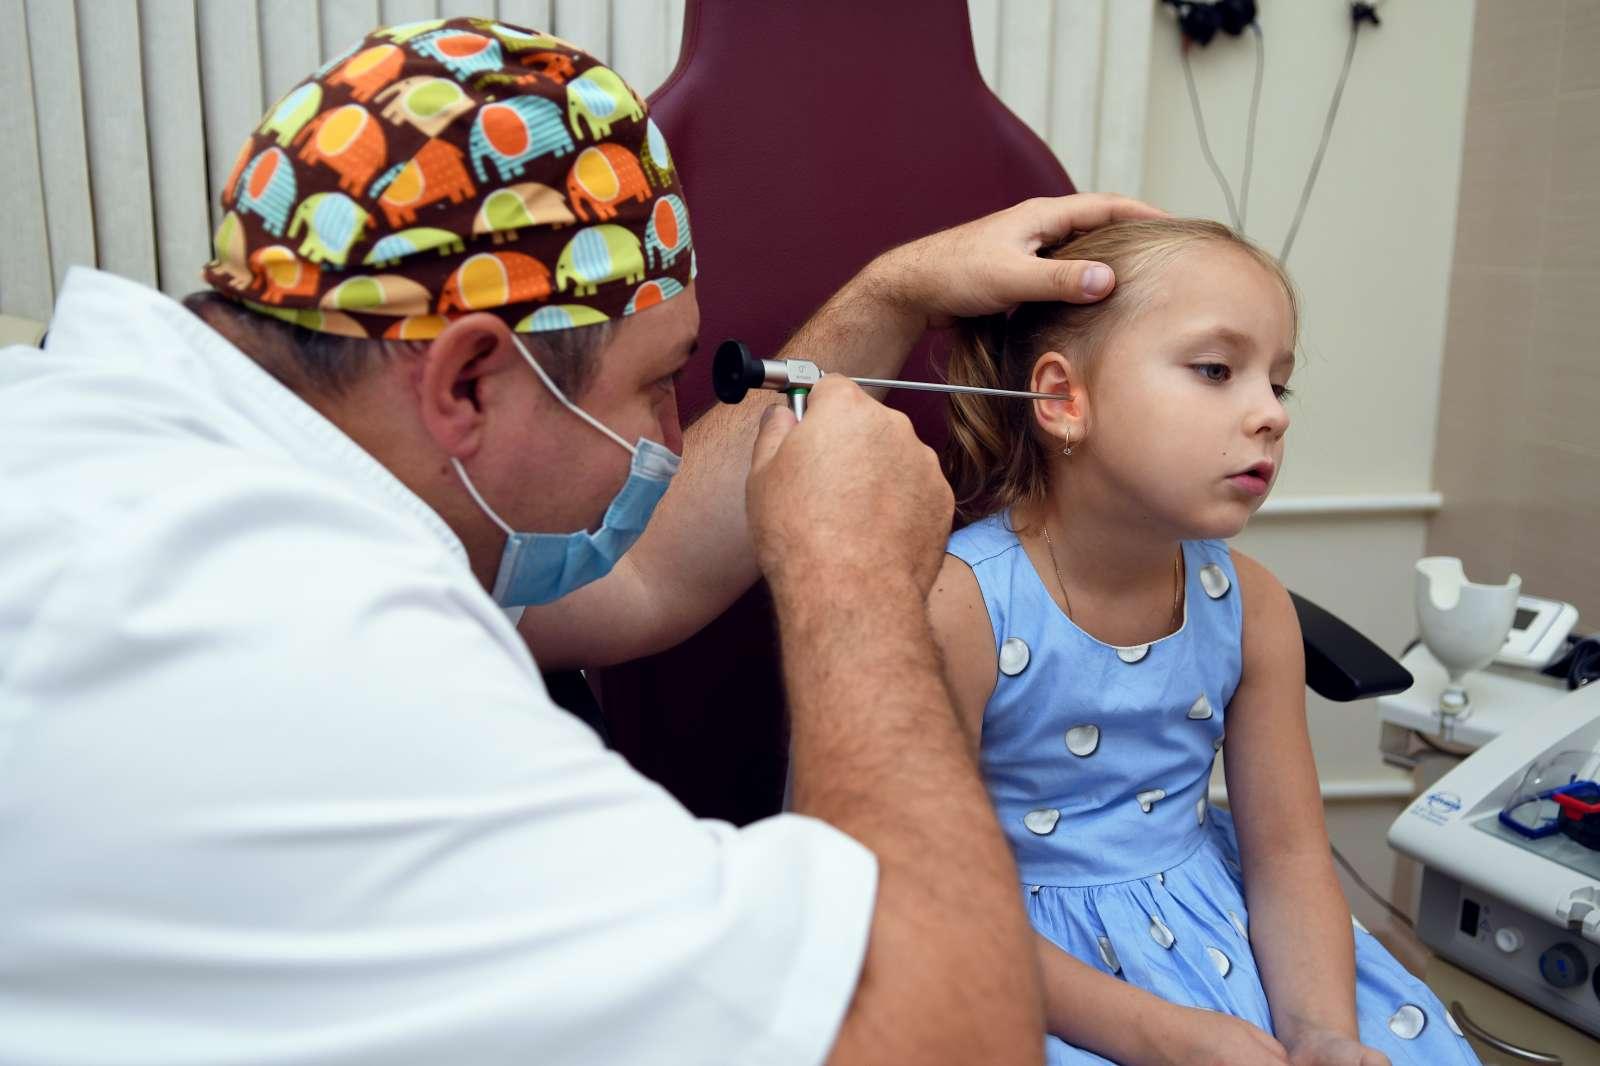 Recherche d'oreille endoscopique chez les enfants.jpg